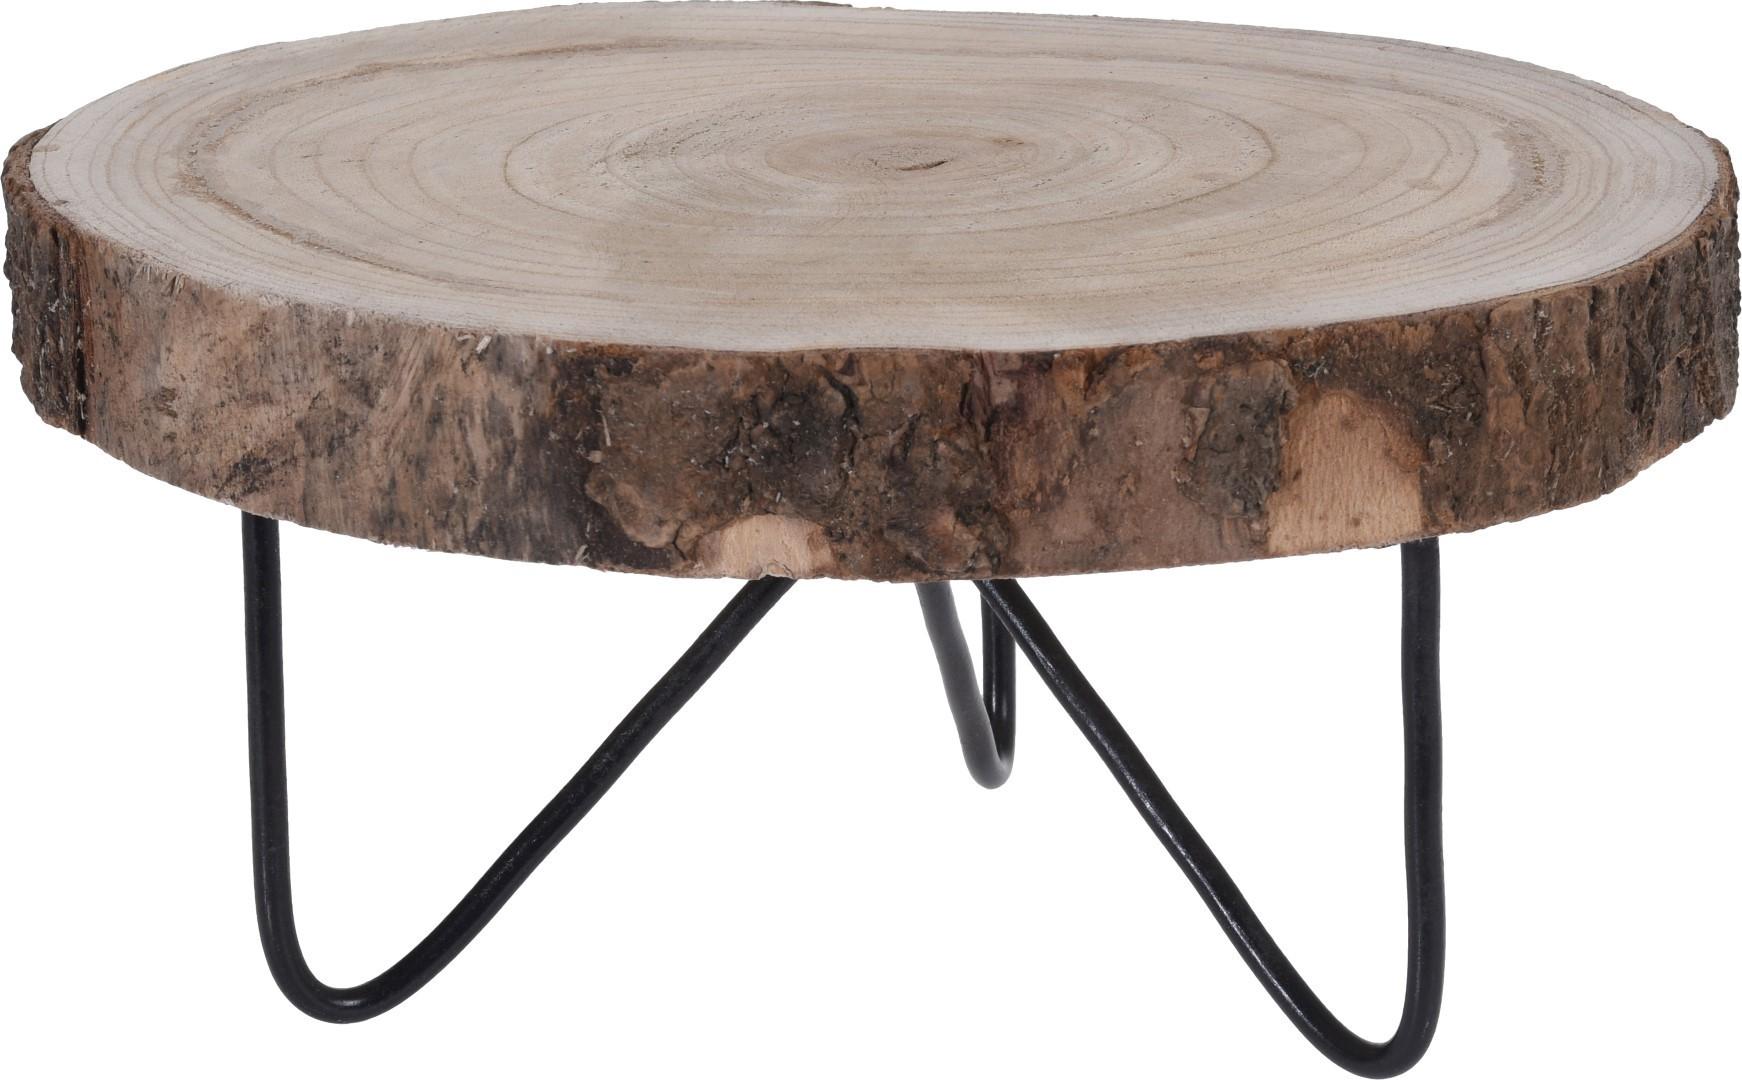 Tafeltje hout rond 30cm